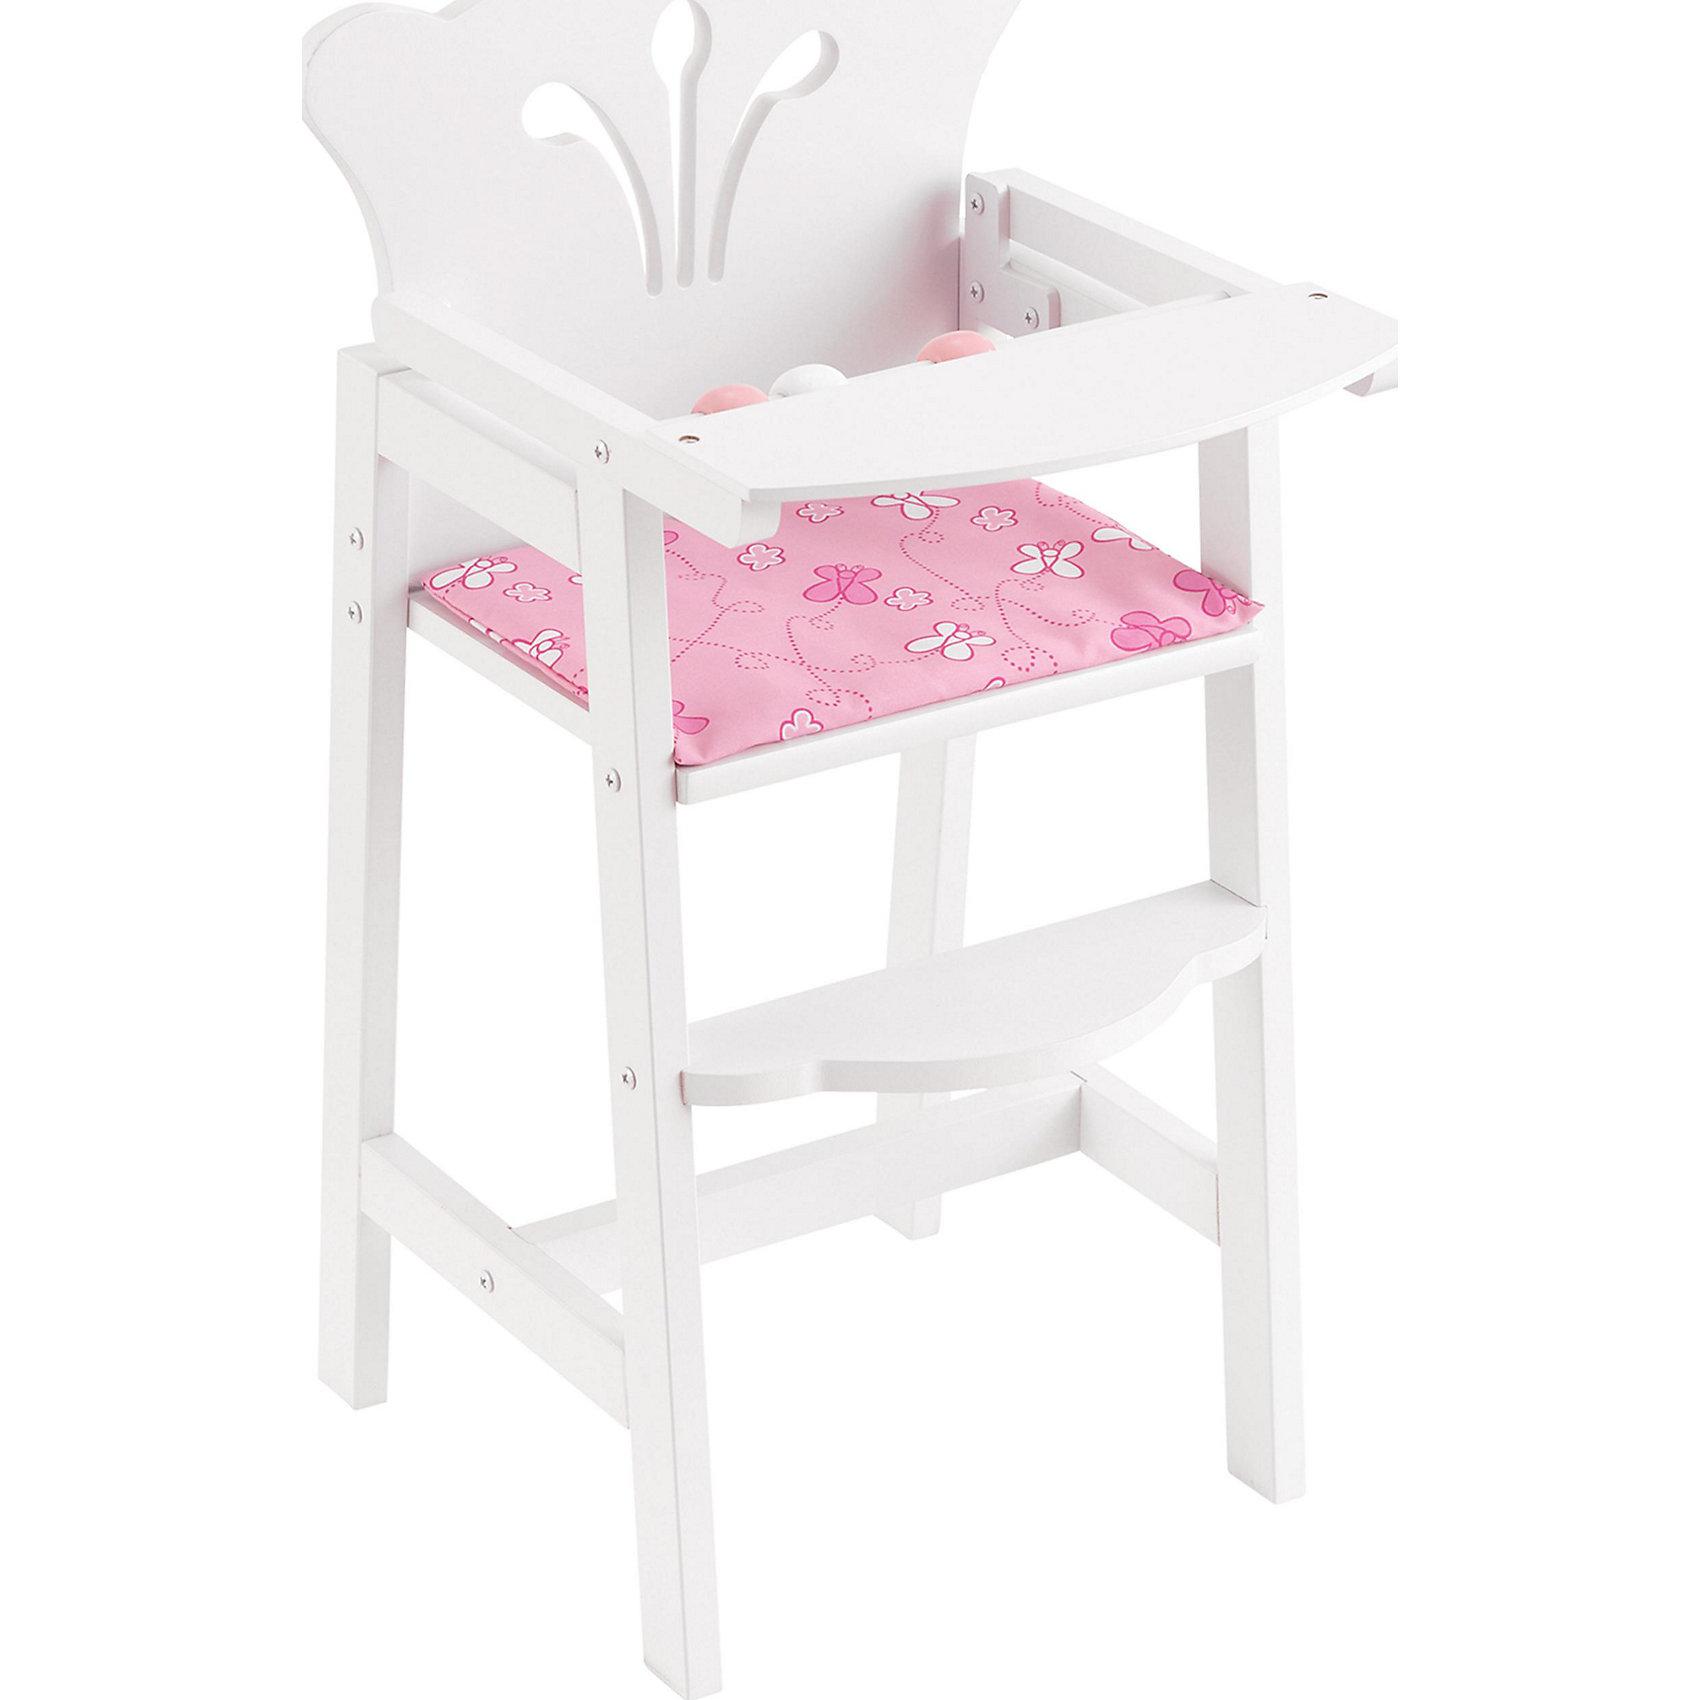 Кукольный стульчик для кормления куклы, KidKraft<br><br>Ширина мм: 500<br>Глубина мм: 310<br>Высота мм: 70<br>Вес г: 3000<br>Возраст от месяцев: 36<br>Возраст до месяцев: 60<br>Пол: Женский<br>Возраст: Детский<br>SKU: 2196253